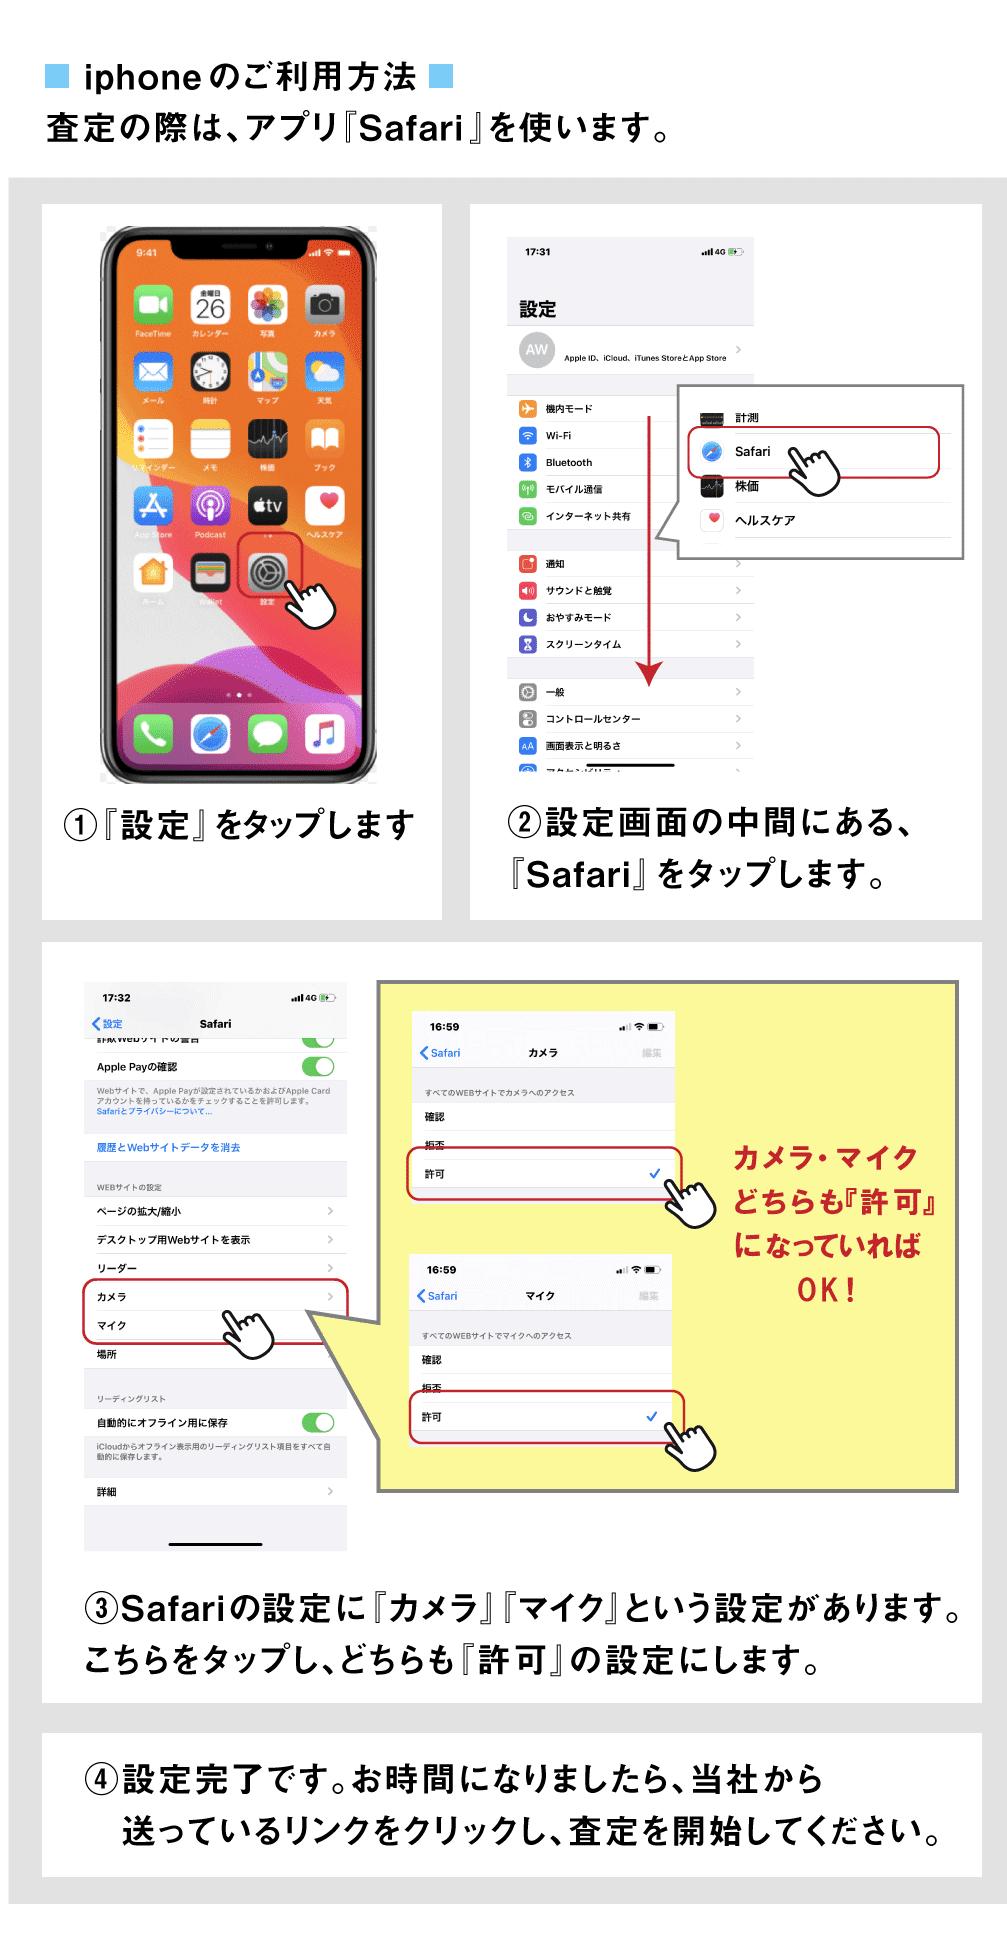 操作方法の説明の図(iPhone)